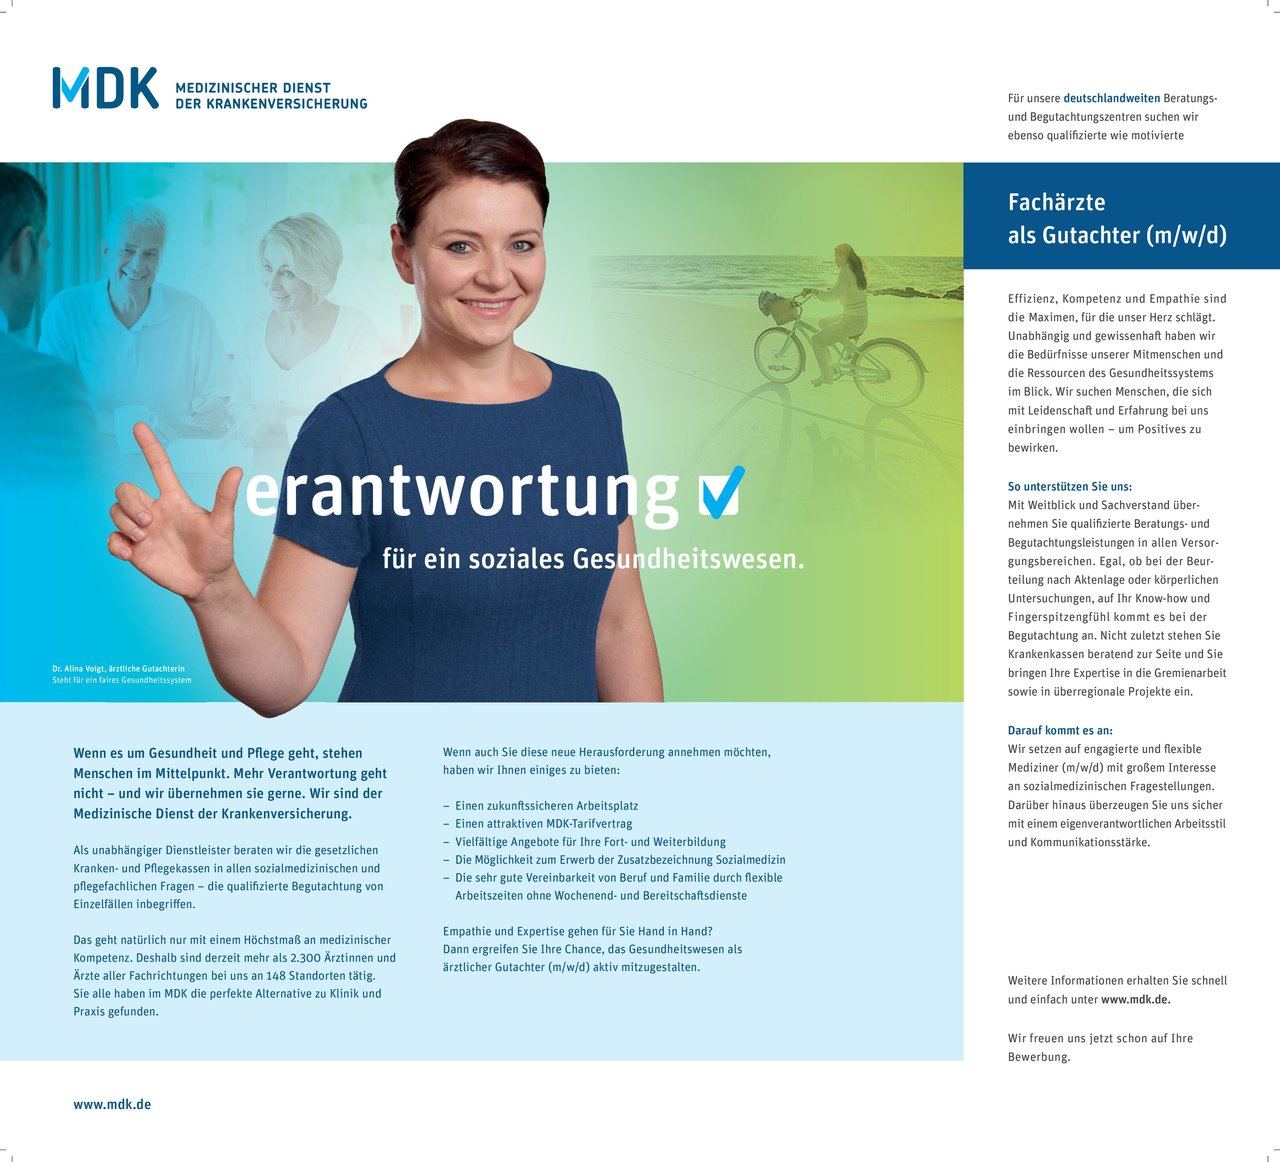 MDK Medizinischer Dienst der Krankenversicherung Fachärzte als Gutachter (m/w/d) * ohne Gebiete Arzt / Facharzt, Gutachter / Dokumentar